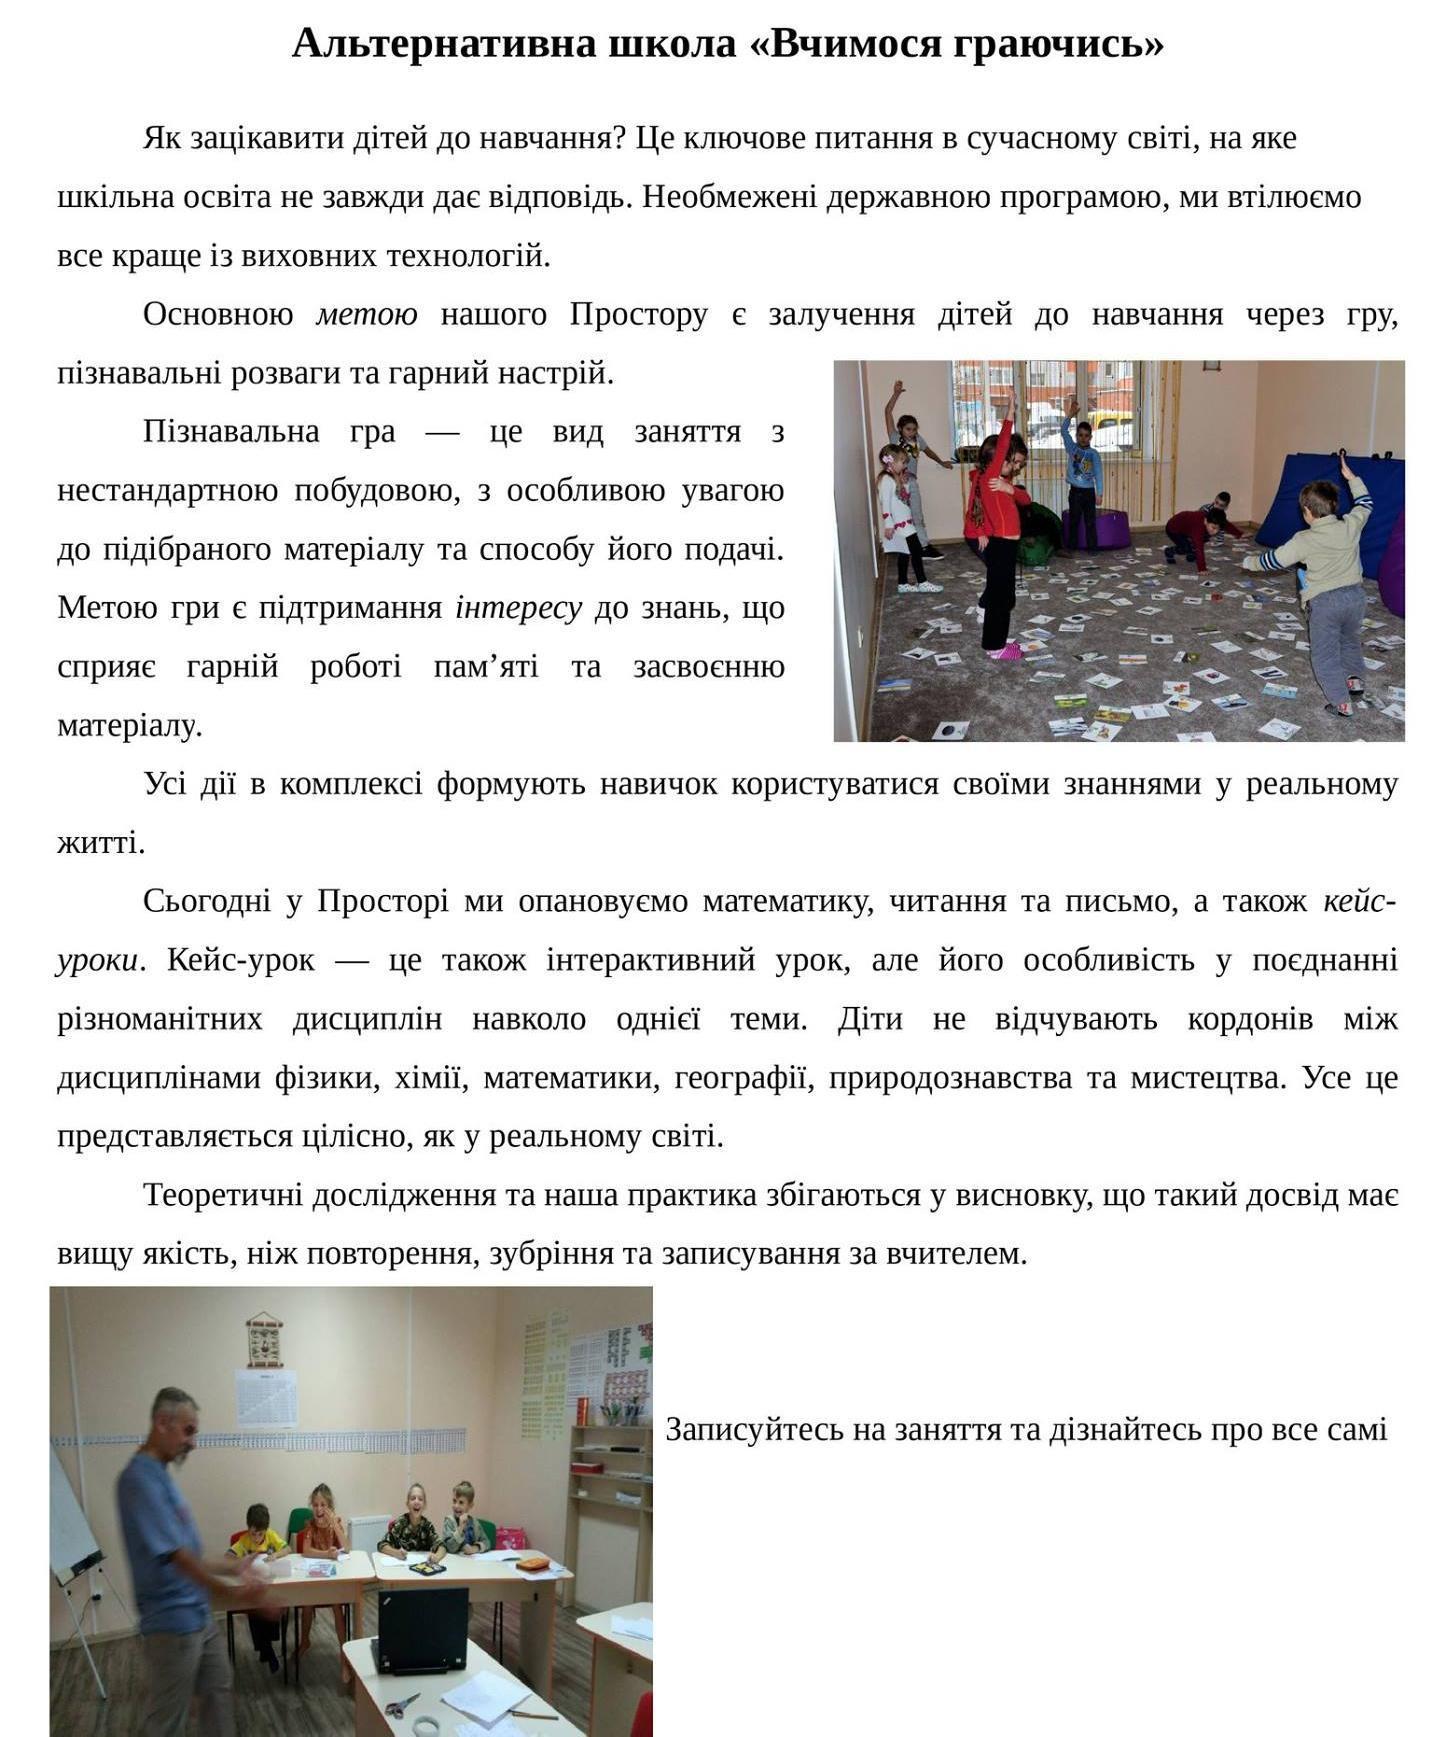 *** альтернативна школа місто Хмельницький - навчає дітей вчитель Іван Олексійович Куць ***